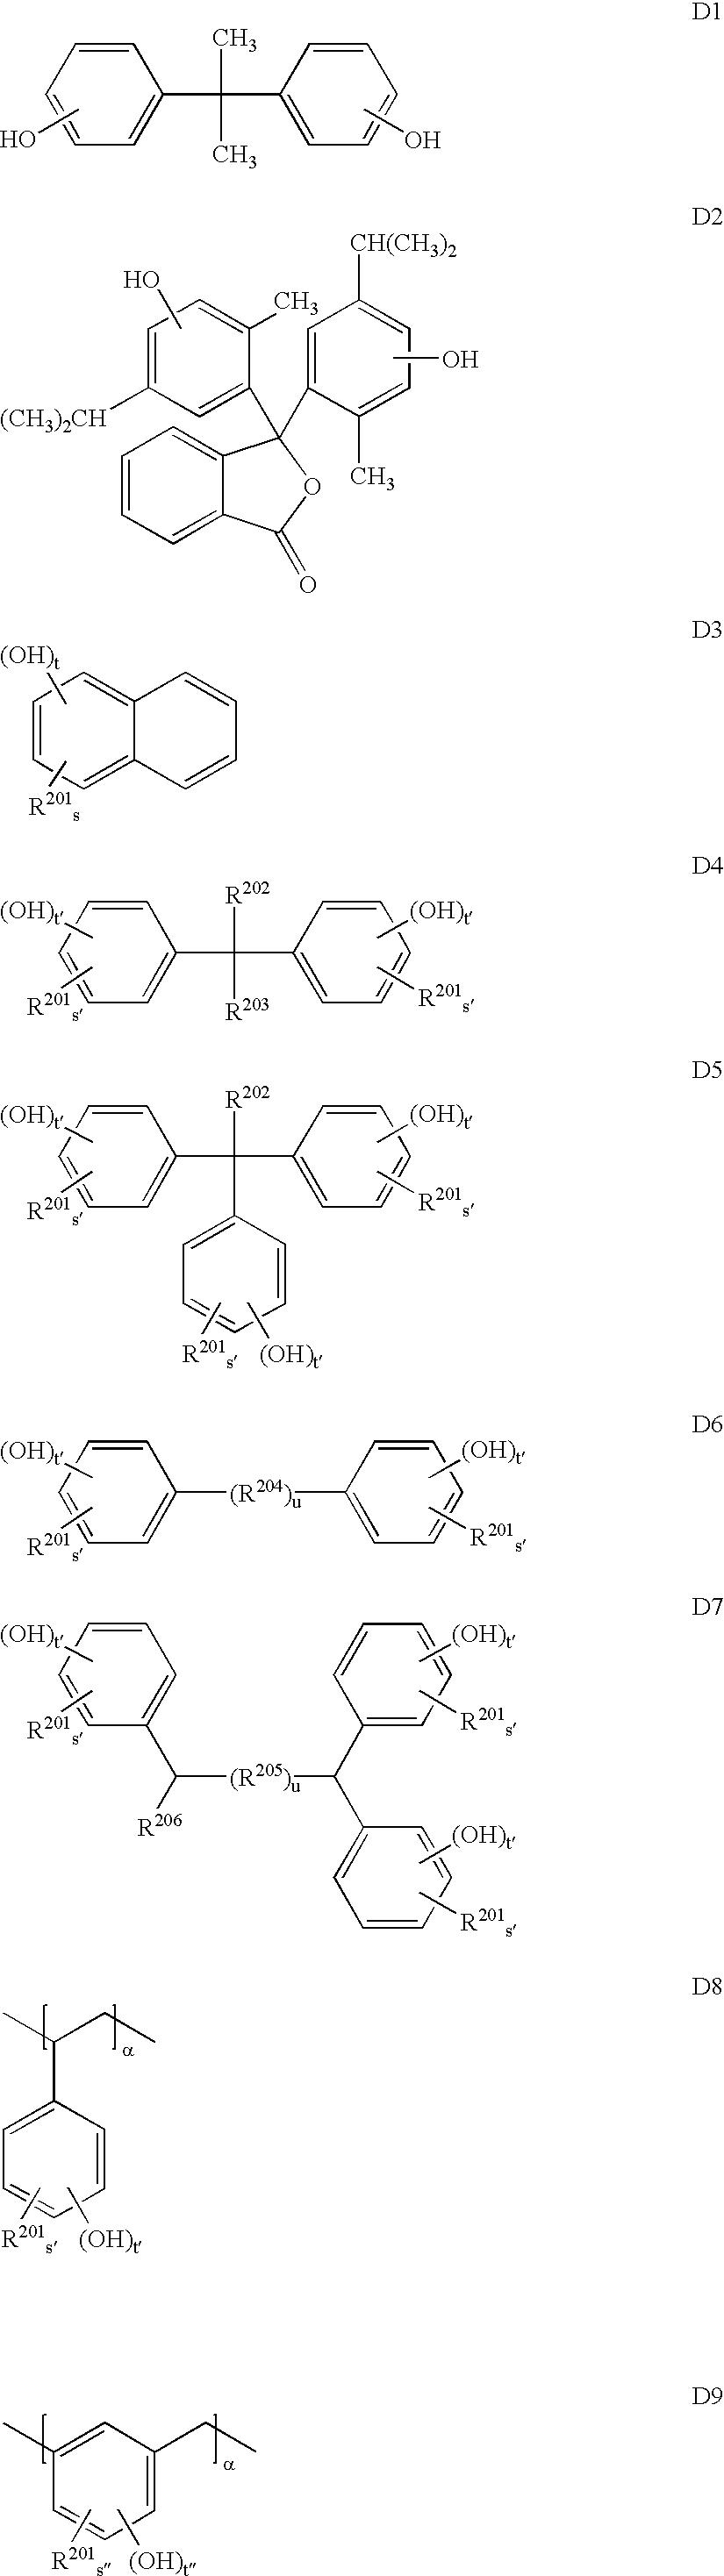 Figure US20030087181A1-20030508-C00026